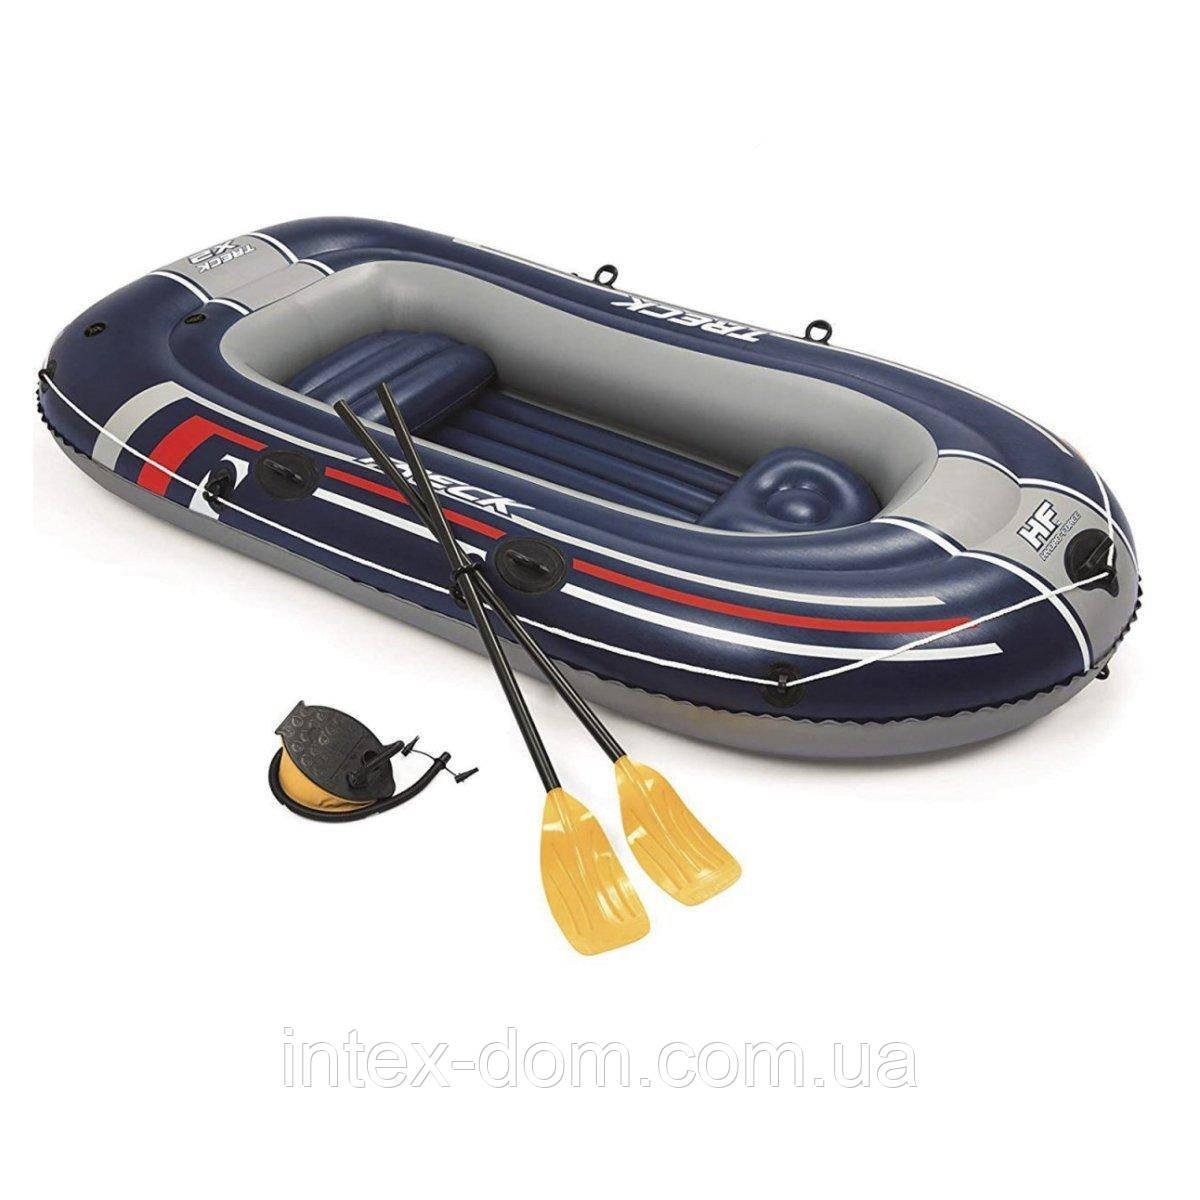 61068 BW Надувная лодка Hydro-Force Raft Set 255х127 см с вёслами и насосом